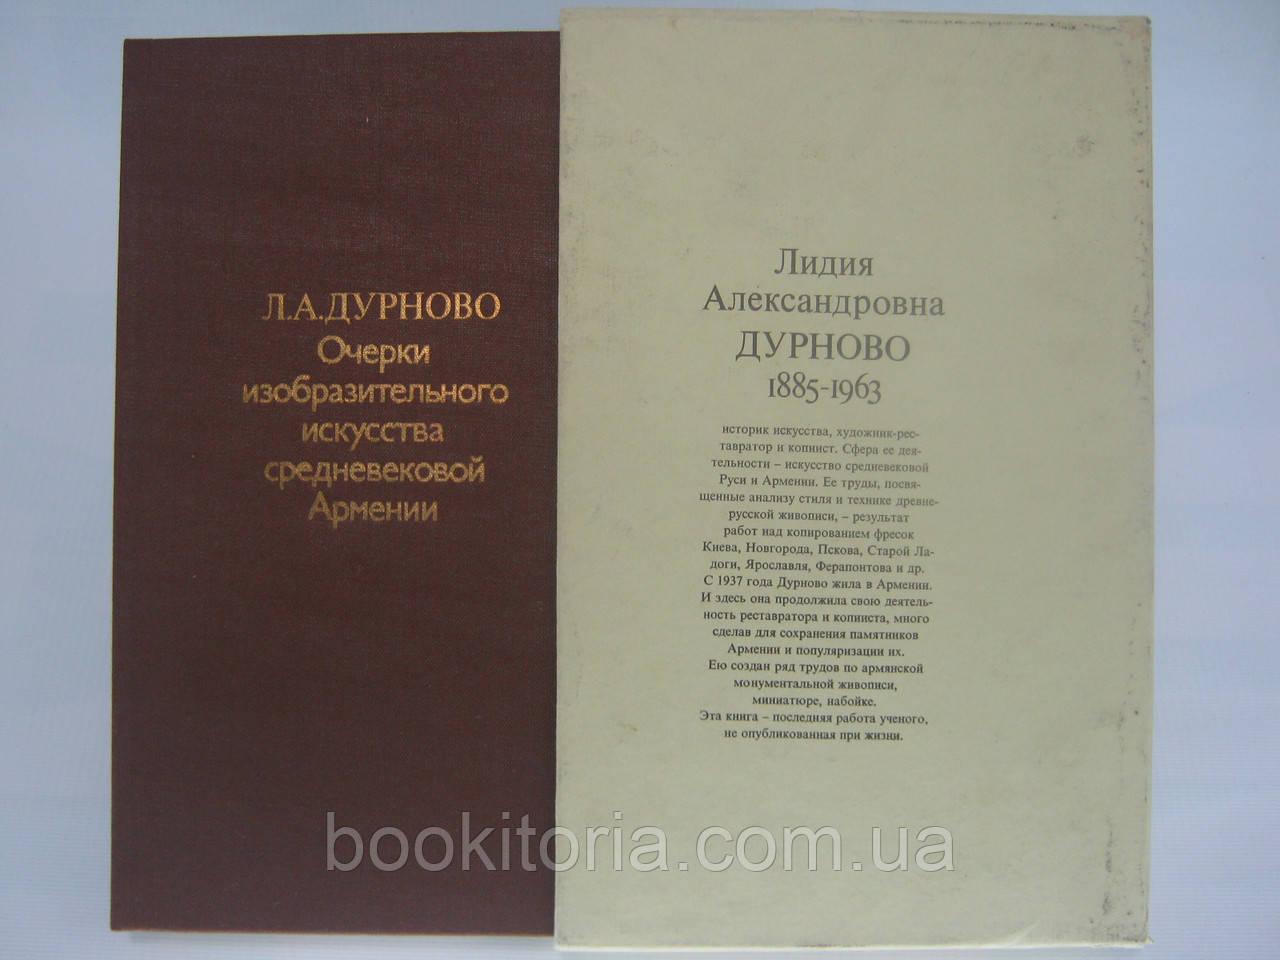 Дурново Л.А. Очерки изобразительного искусства средневековой Армении (б/у).